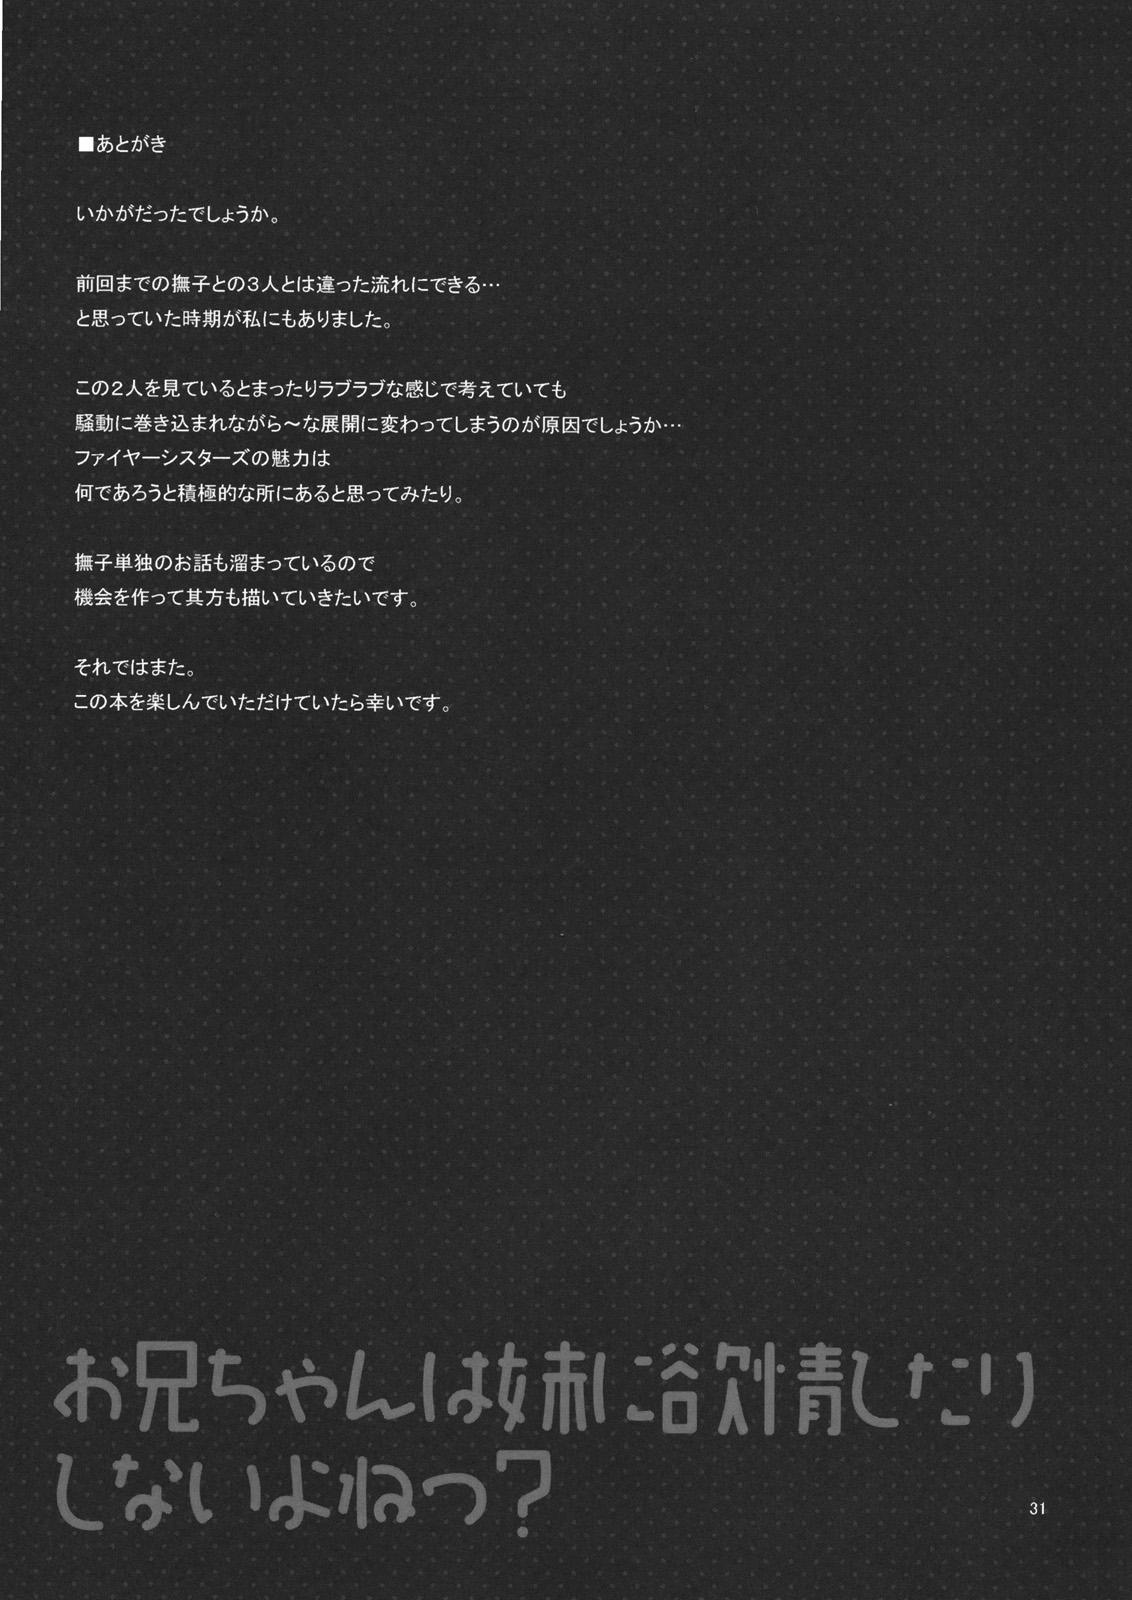 Oniichan wa Imouto ni Yokujou Shitari Shinaiyone? 29